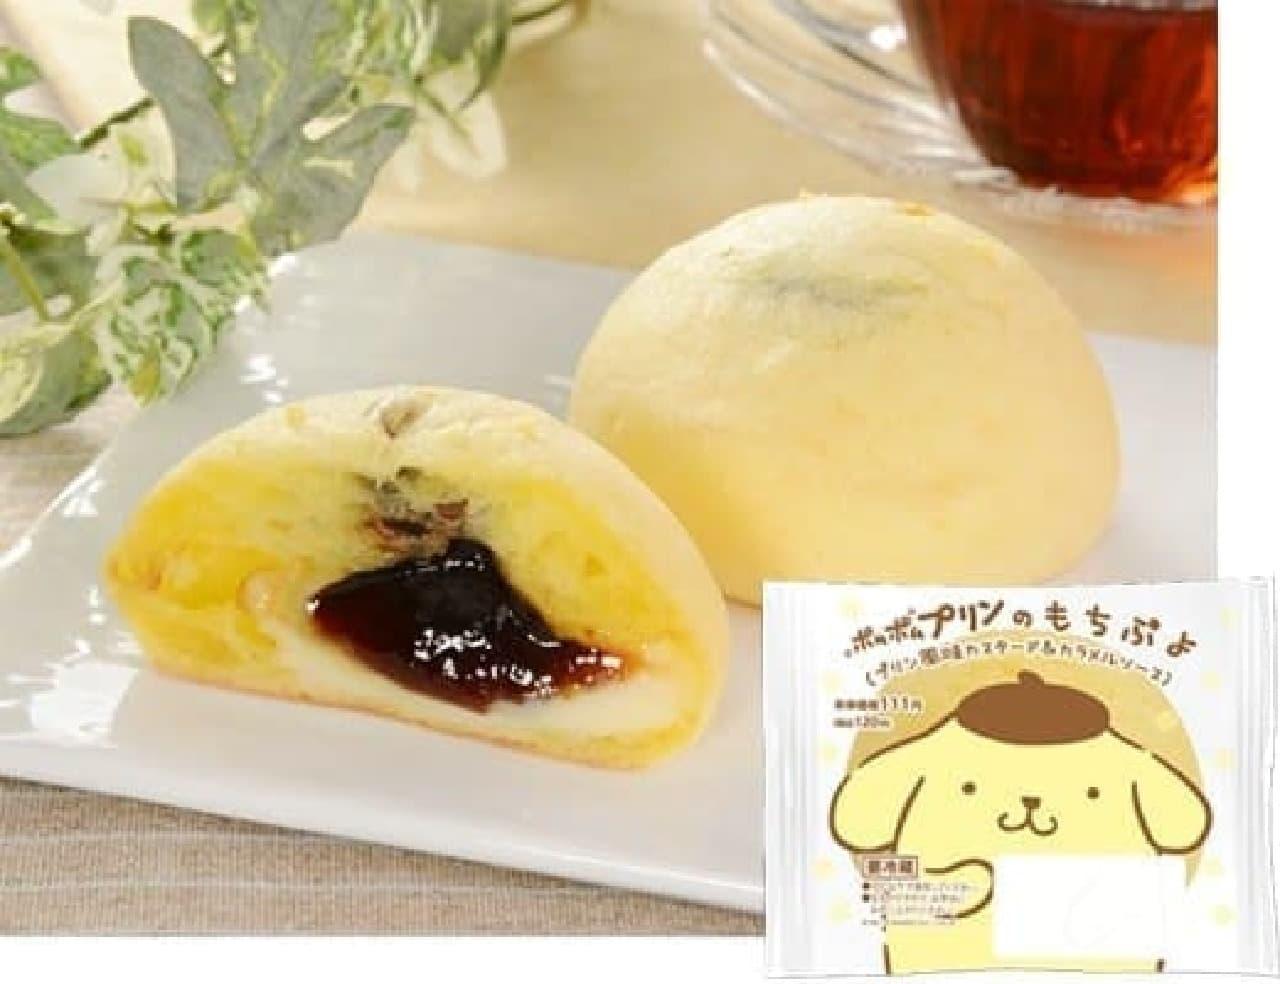 ローソン「ポムポムプリンのもちぷよ(プリン風味カスタード&カラメルソース)」